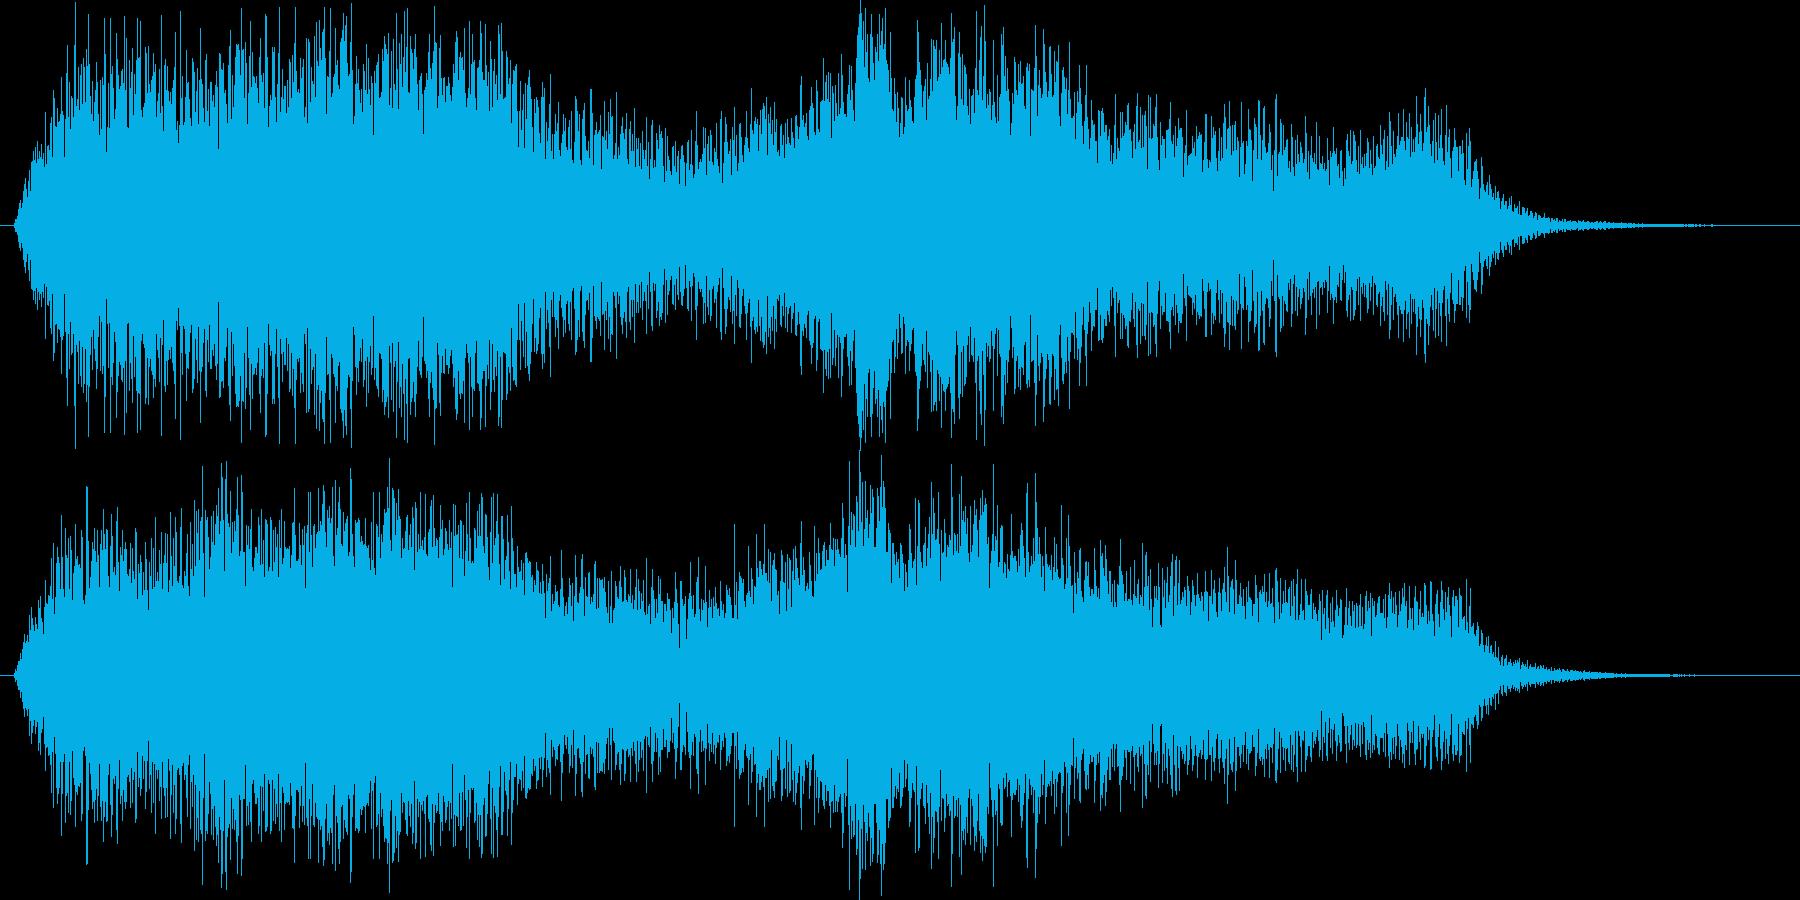 謎めいた感じのある不気味な音楽の再生済みの波形